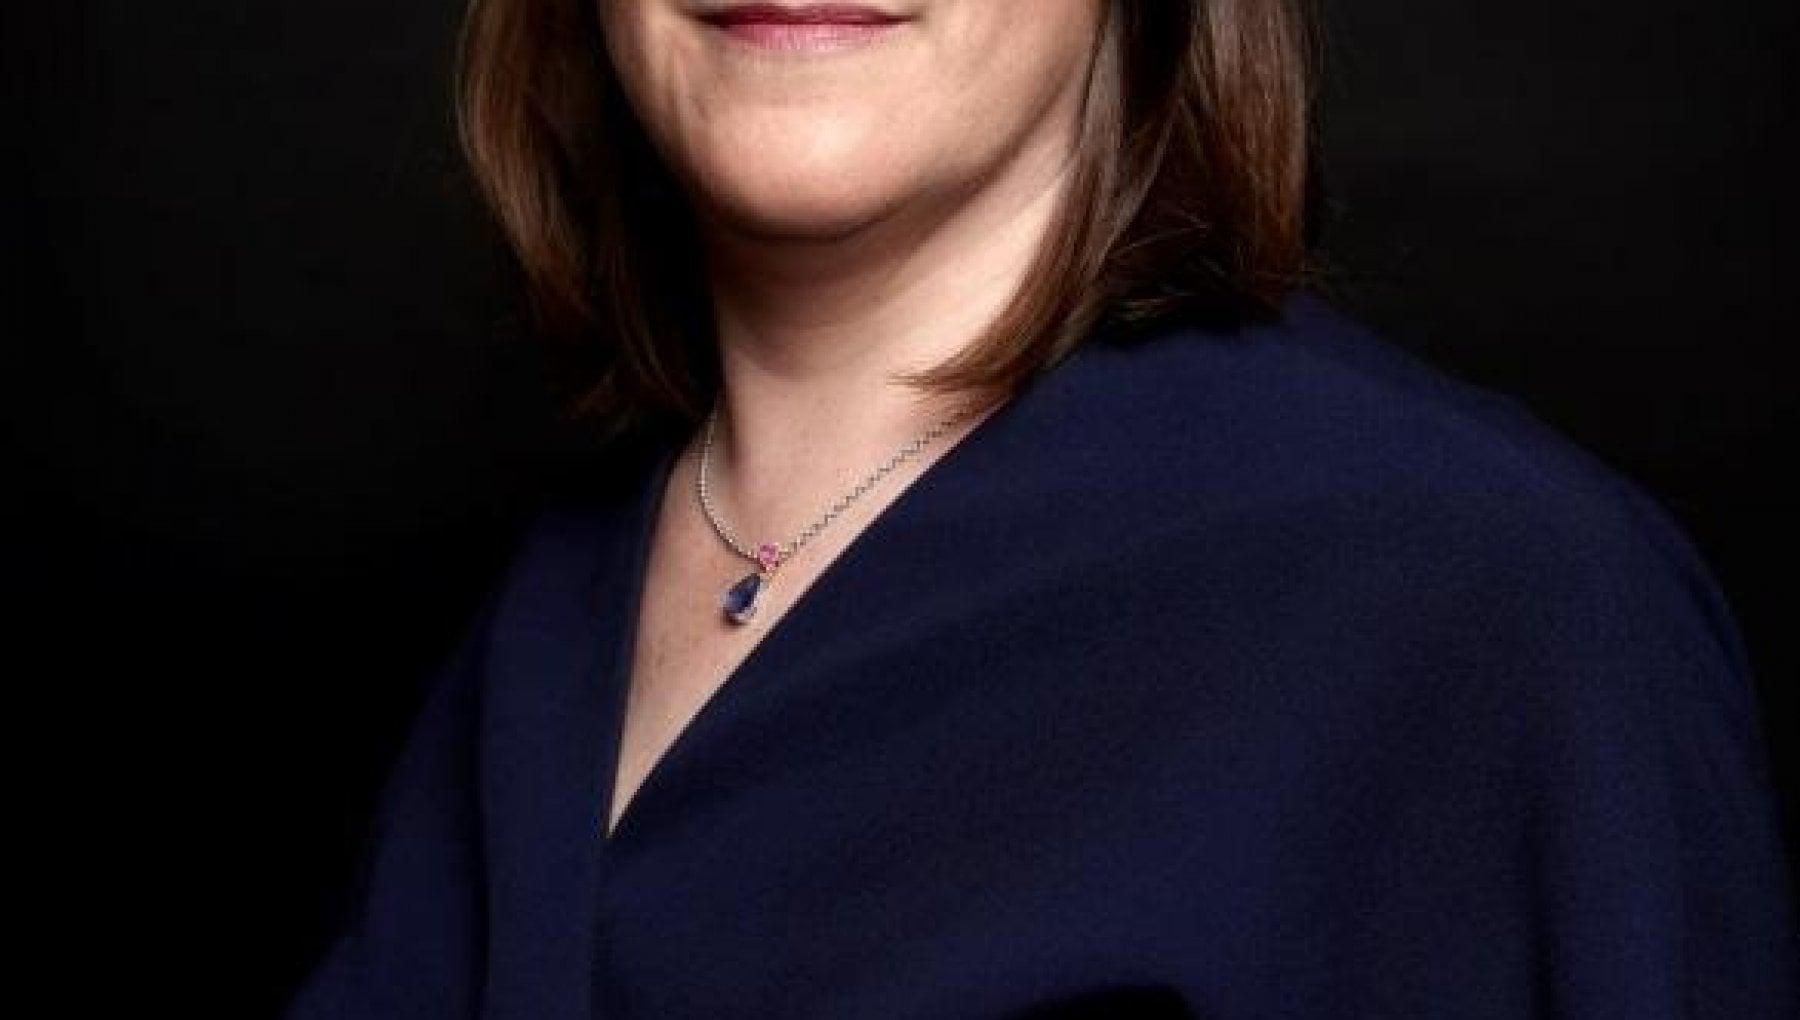 Prima storica a Parigi una donna alla guida della Borsa